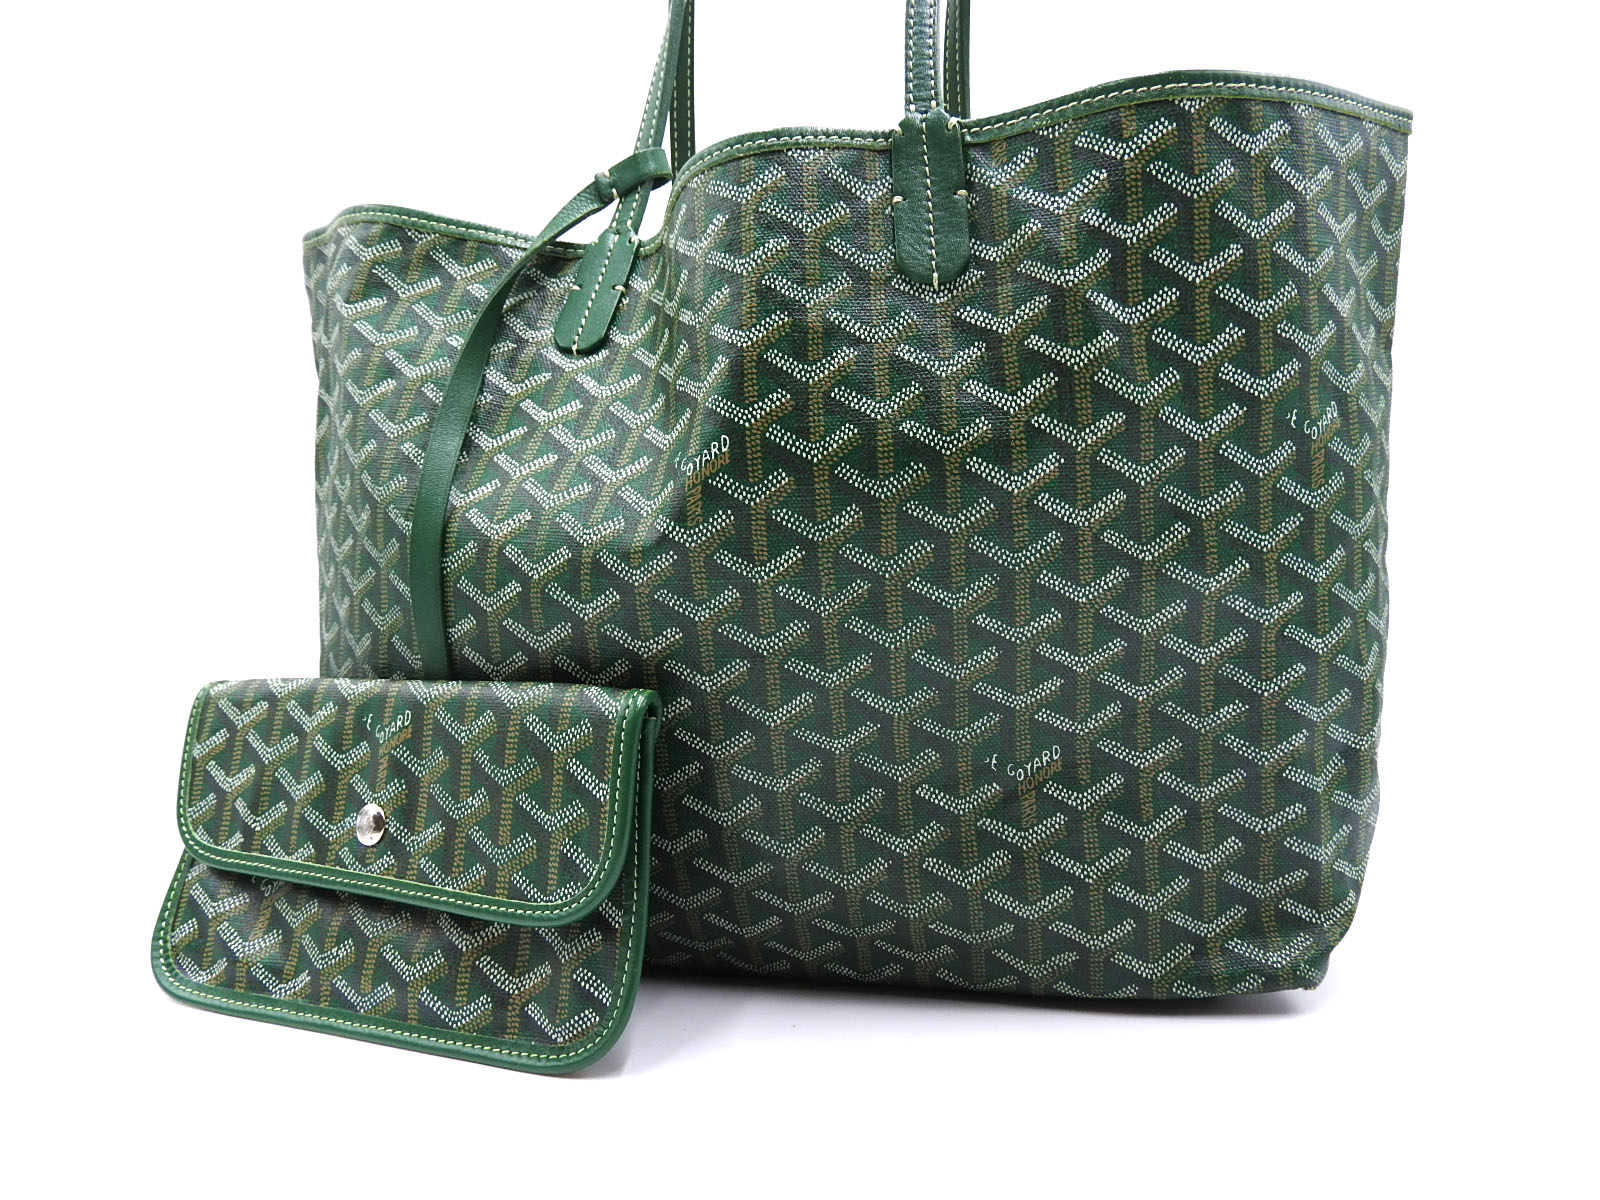 855811d2336d Auth GOYARD Saint Louis PM Shoulder Tote Bag PVC Canvas Leather Green With  Pouch A-8901